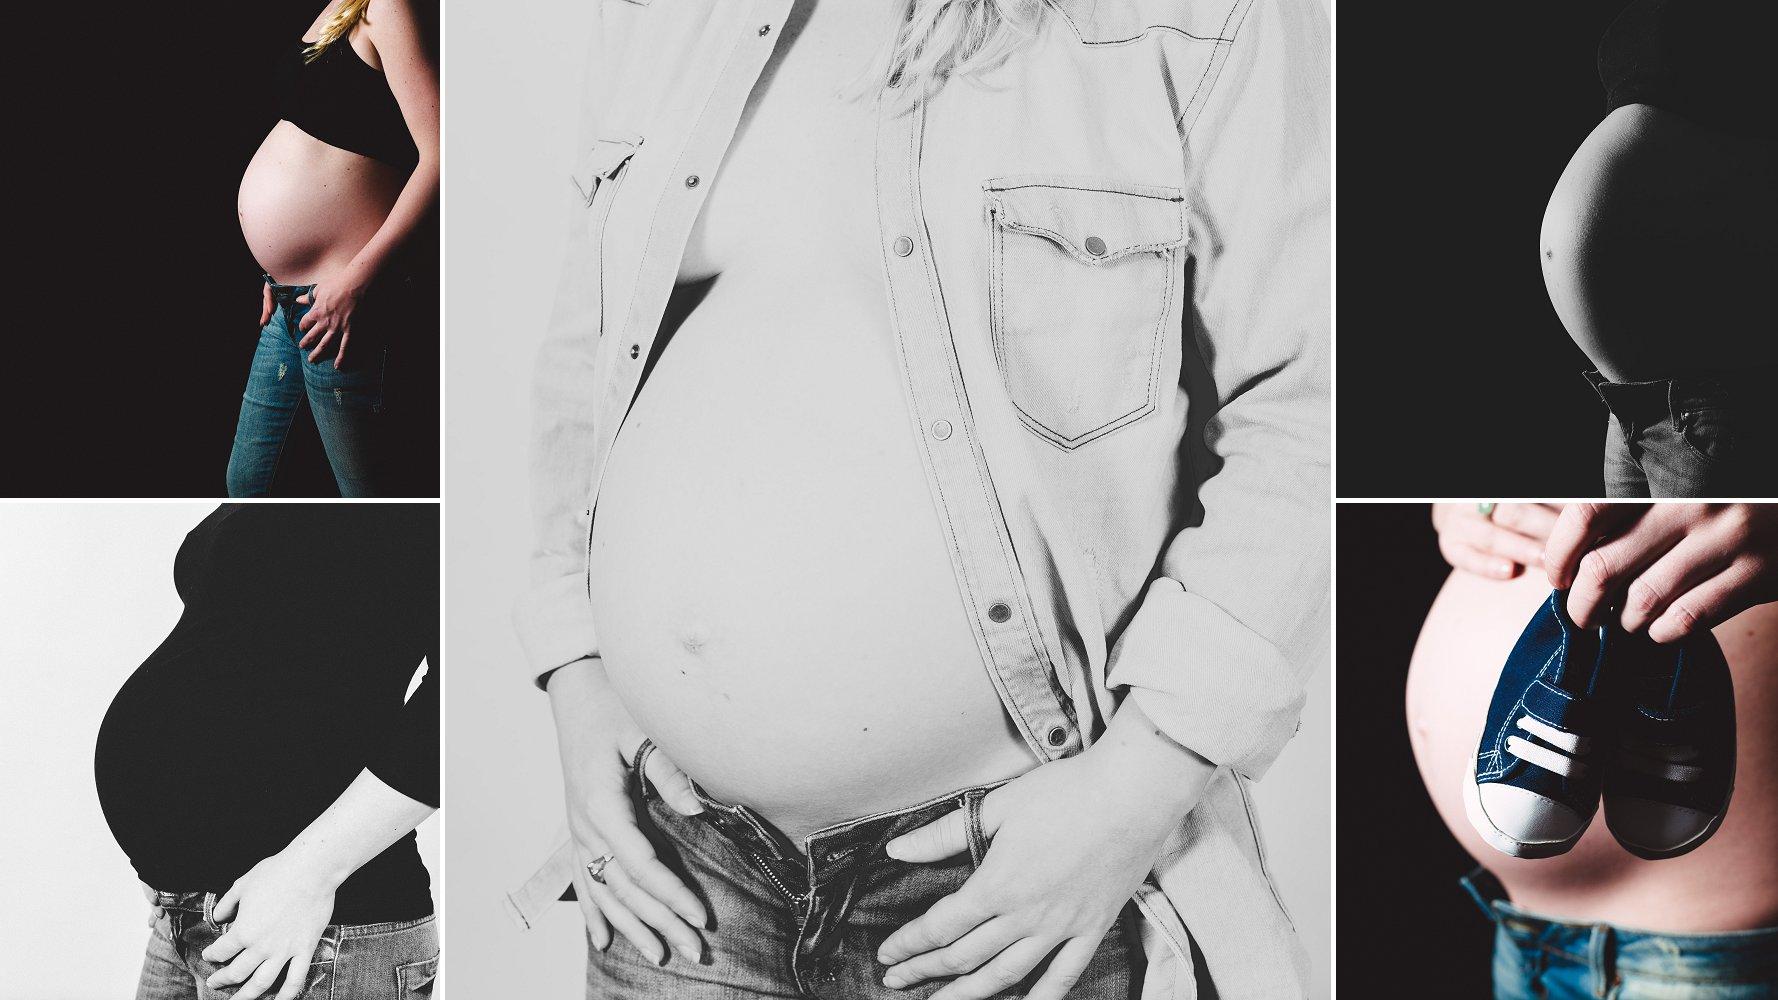 foto buik zwangerschap zwart wit veendam groningen